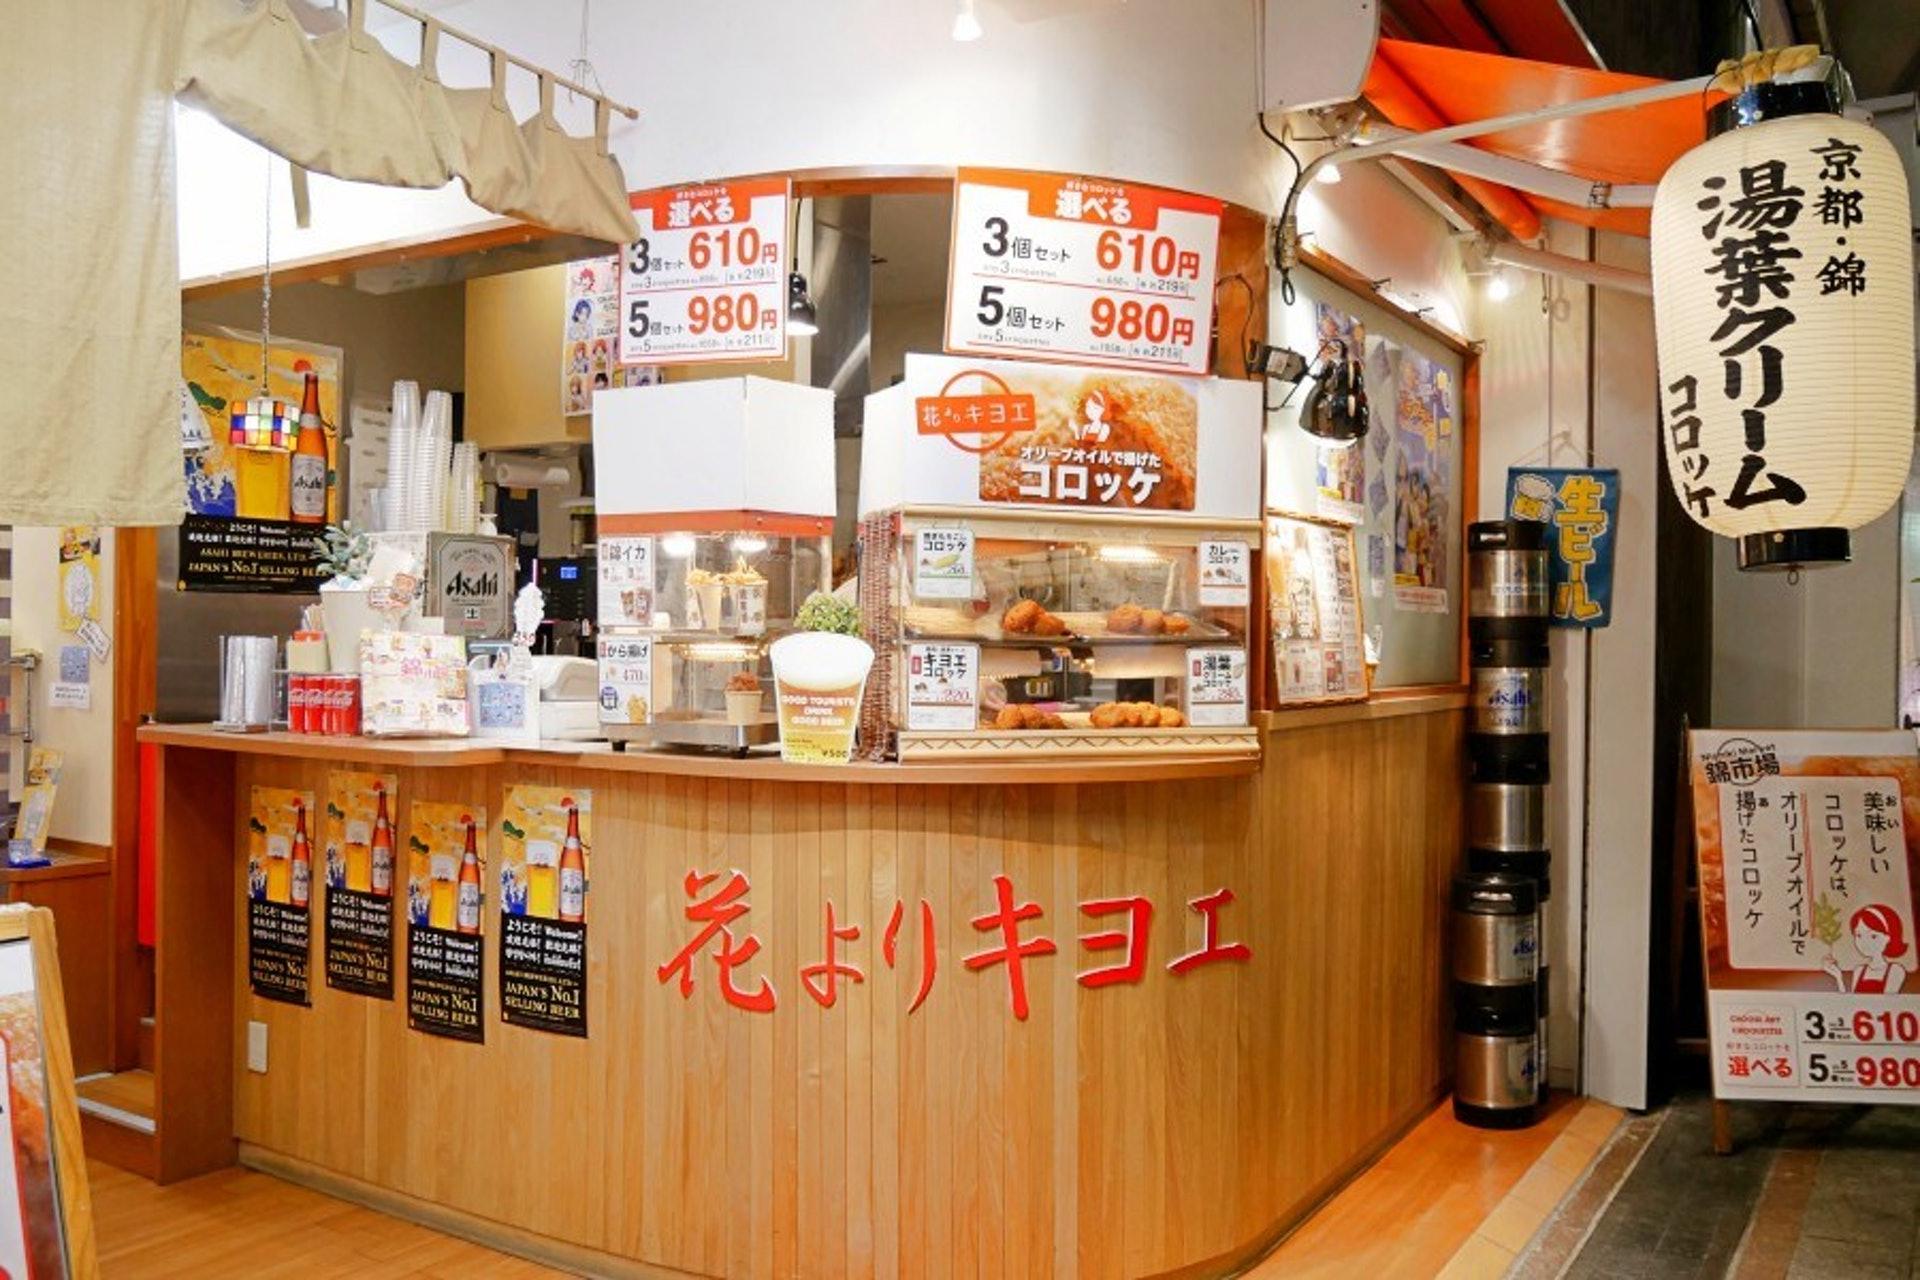 花よりキヨエ的豆皮奶油可樂餅可是錦市場非常著名的小吃。(KKday)